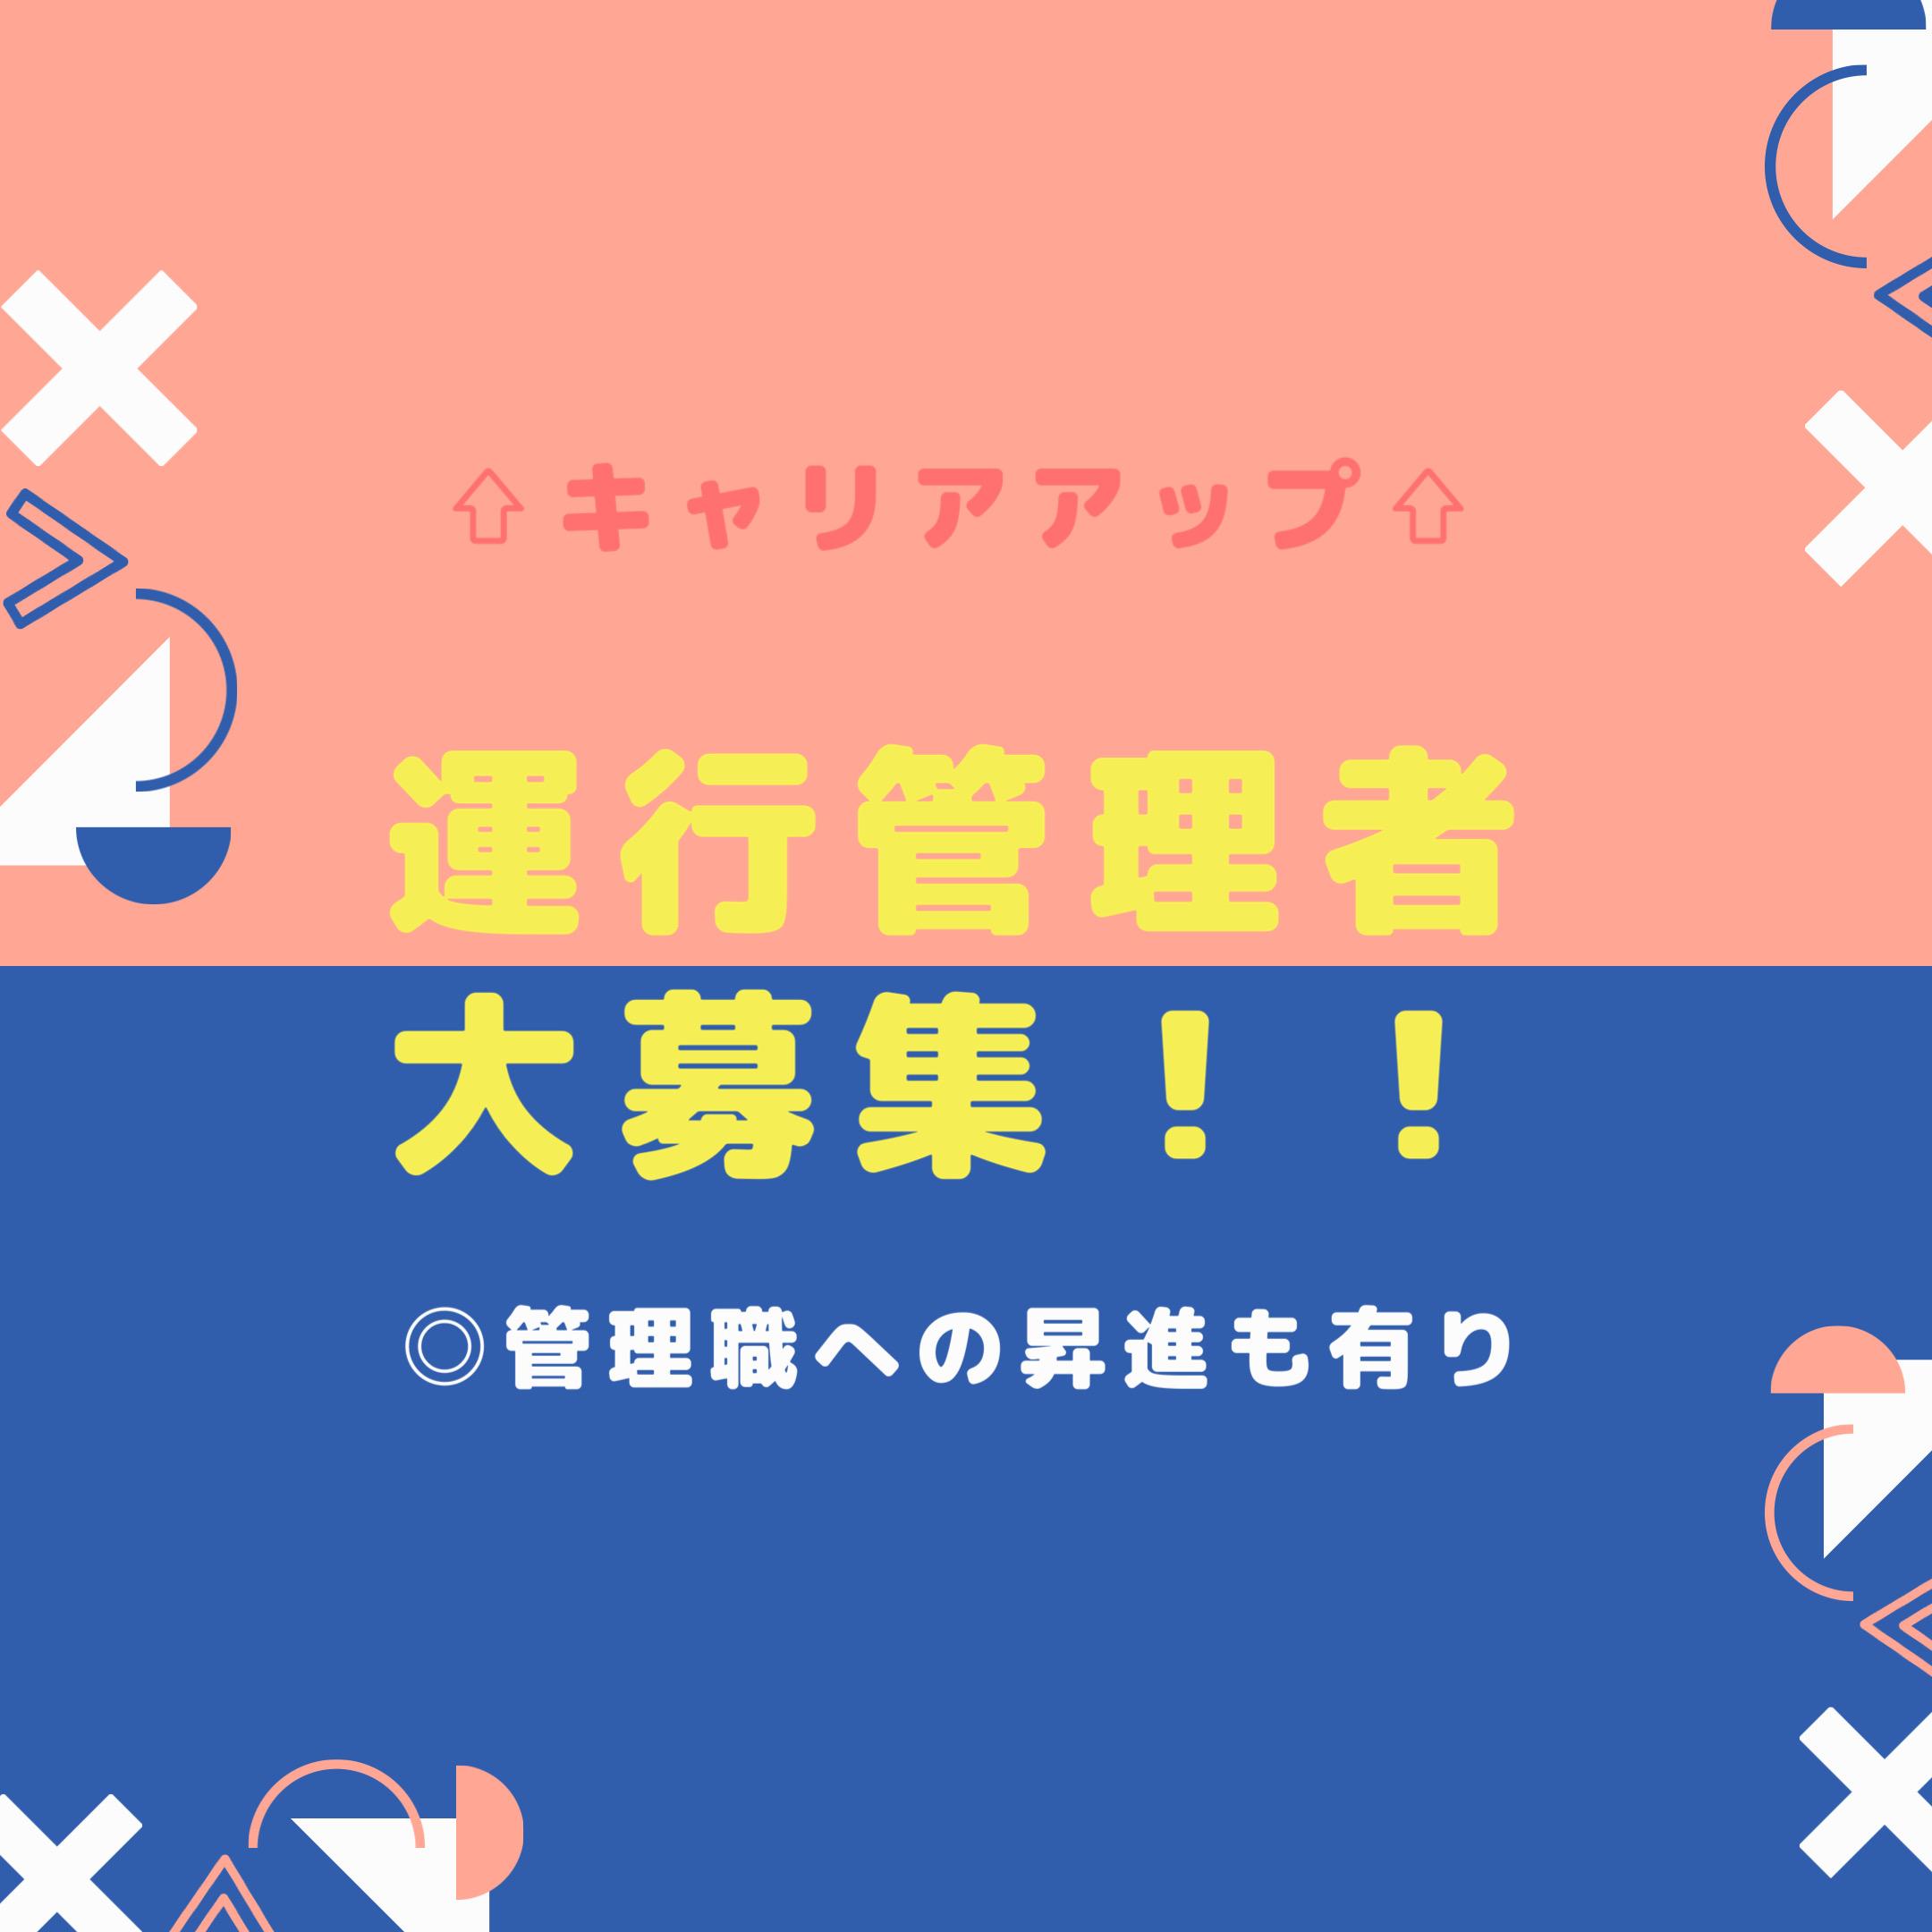 月27万円以上!高収入・正社員の運行管理者 イメージ